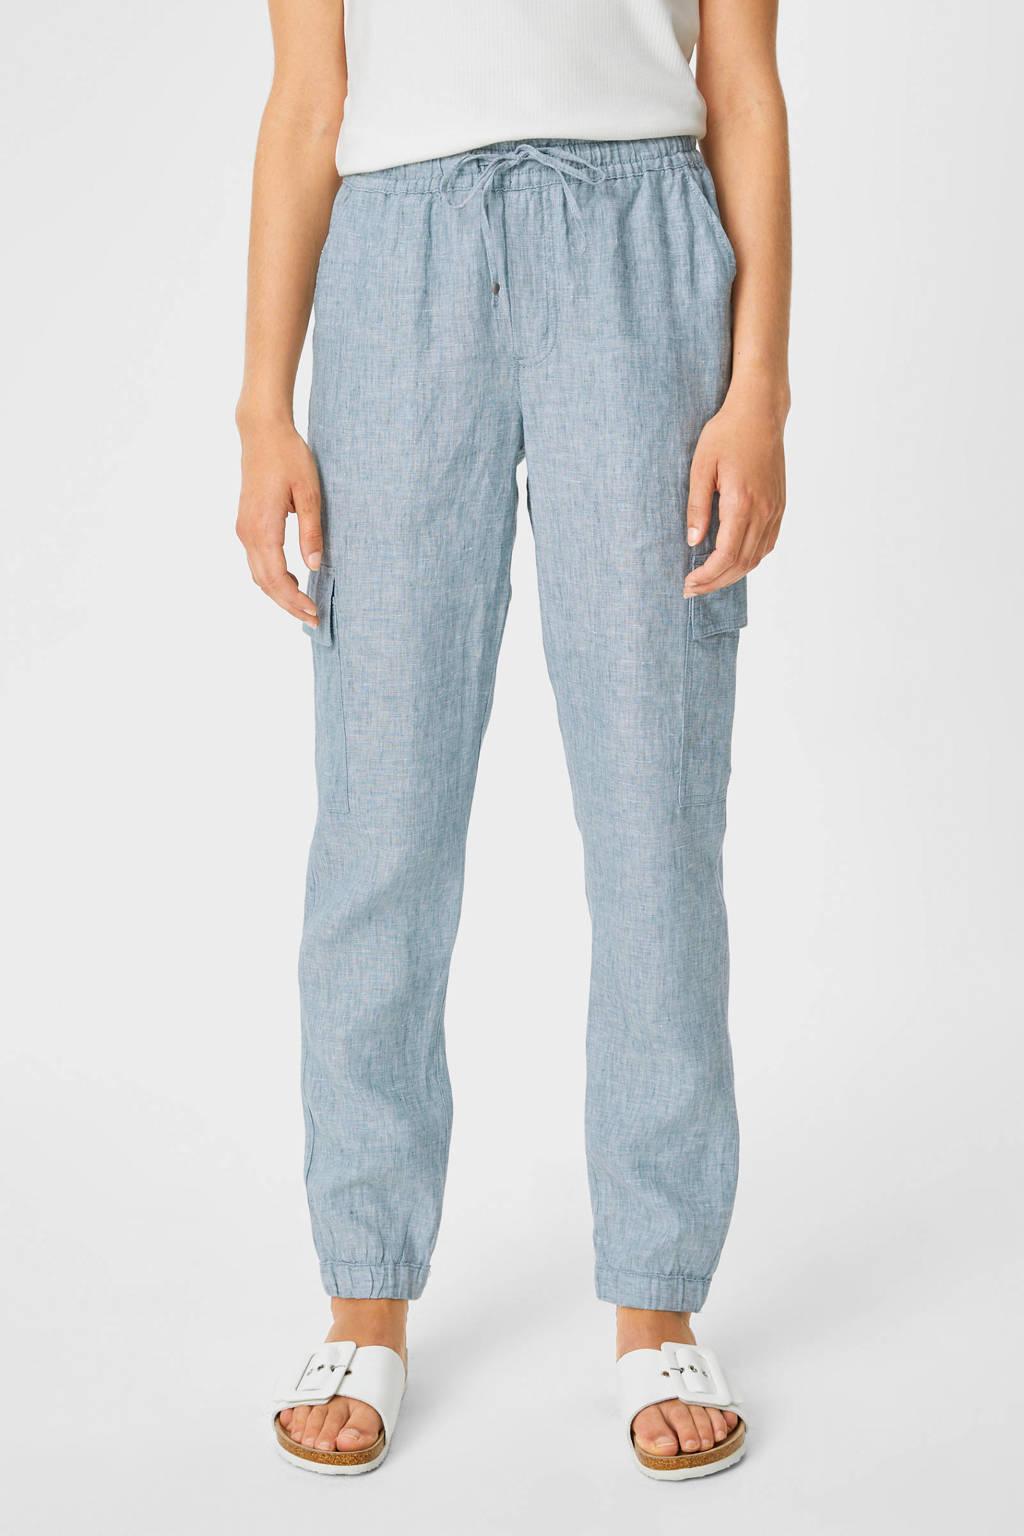 C&A tapered fit broek lichtblauw, Lichtblauw